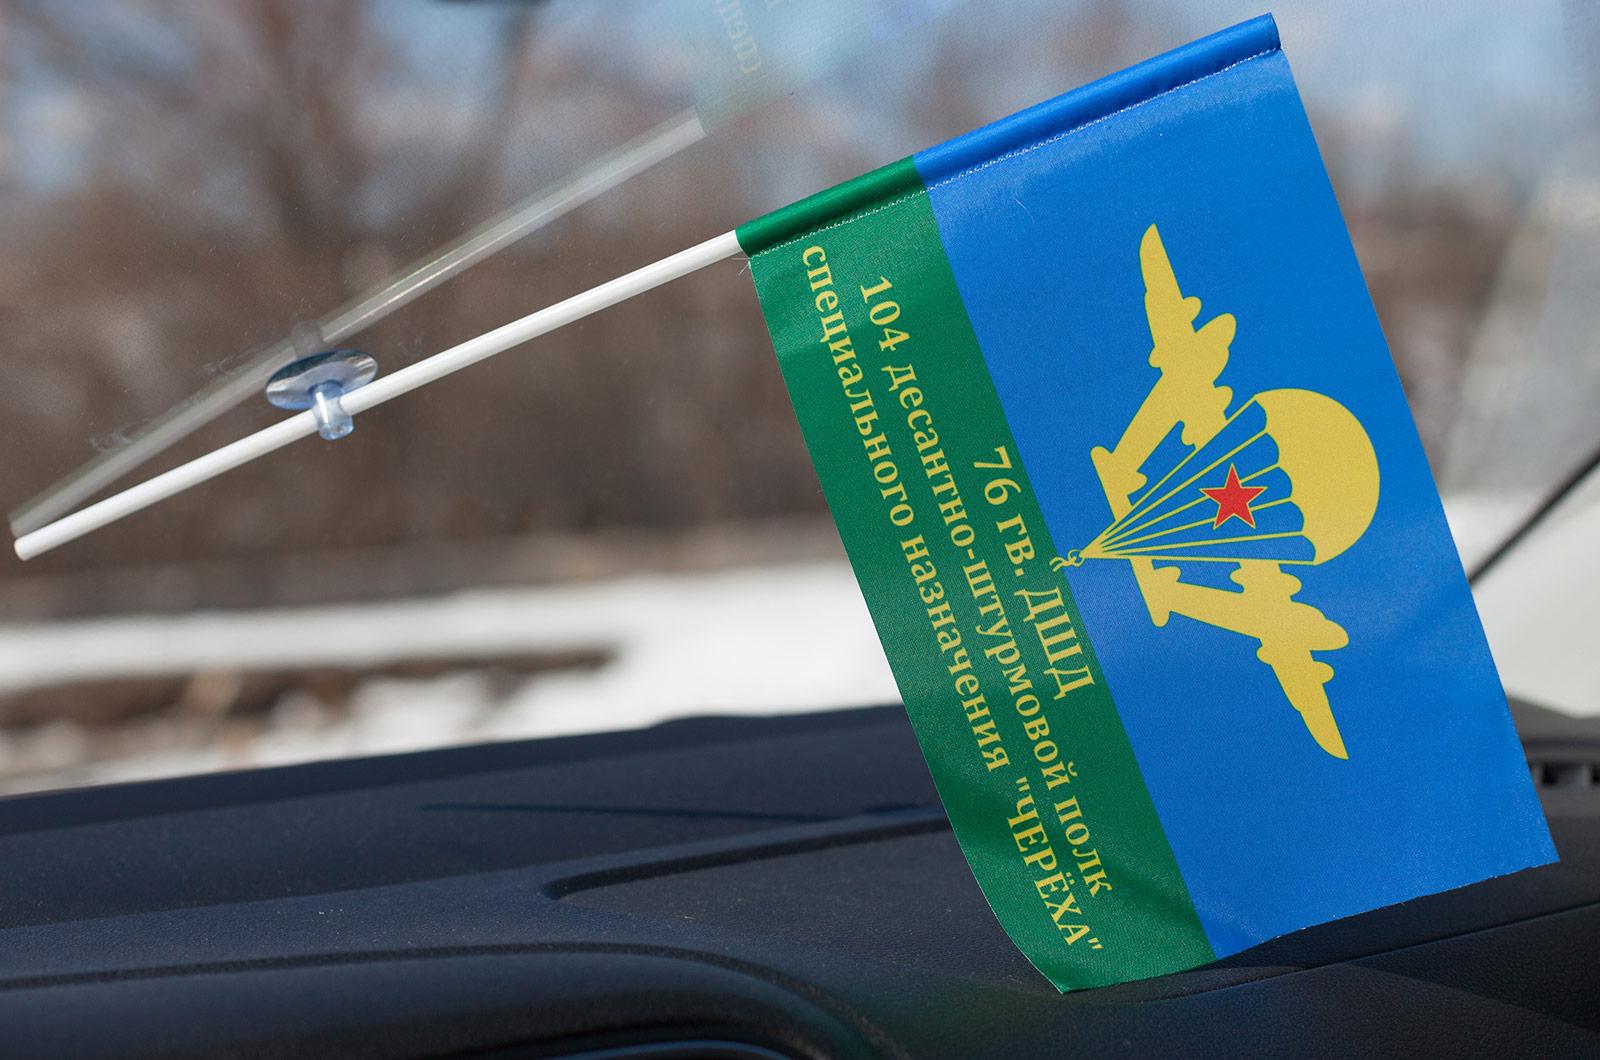 Флажок в машину «104 полк «Черёха» 76 гв. ДШД ВДВ»